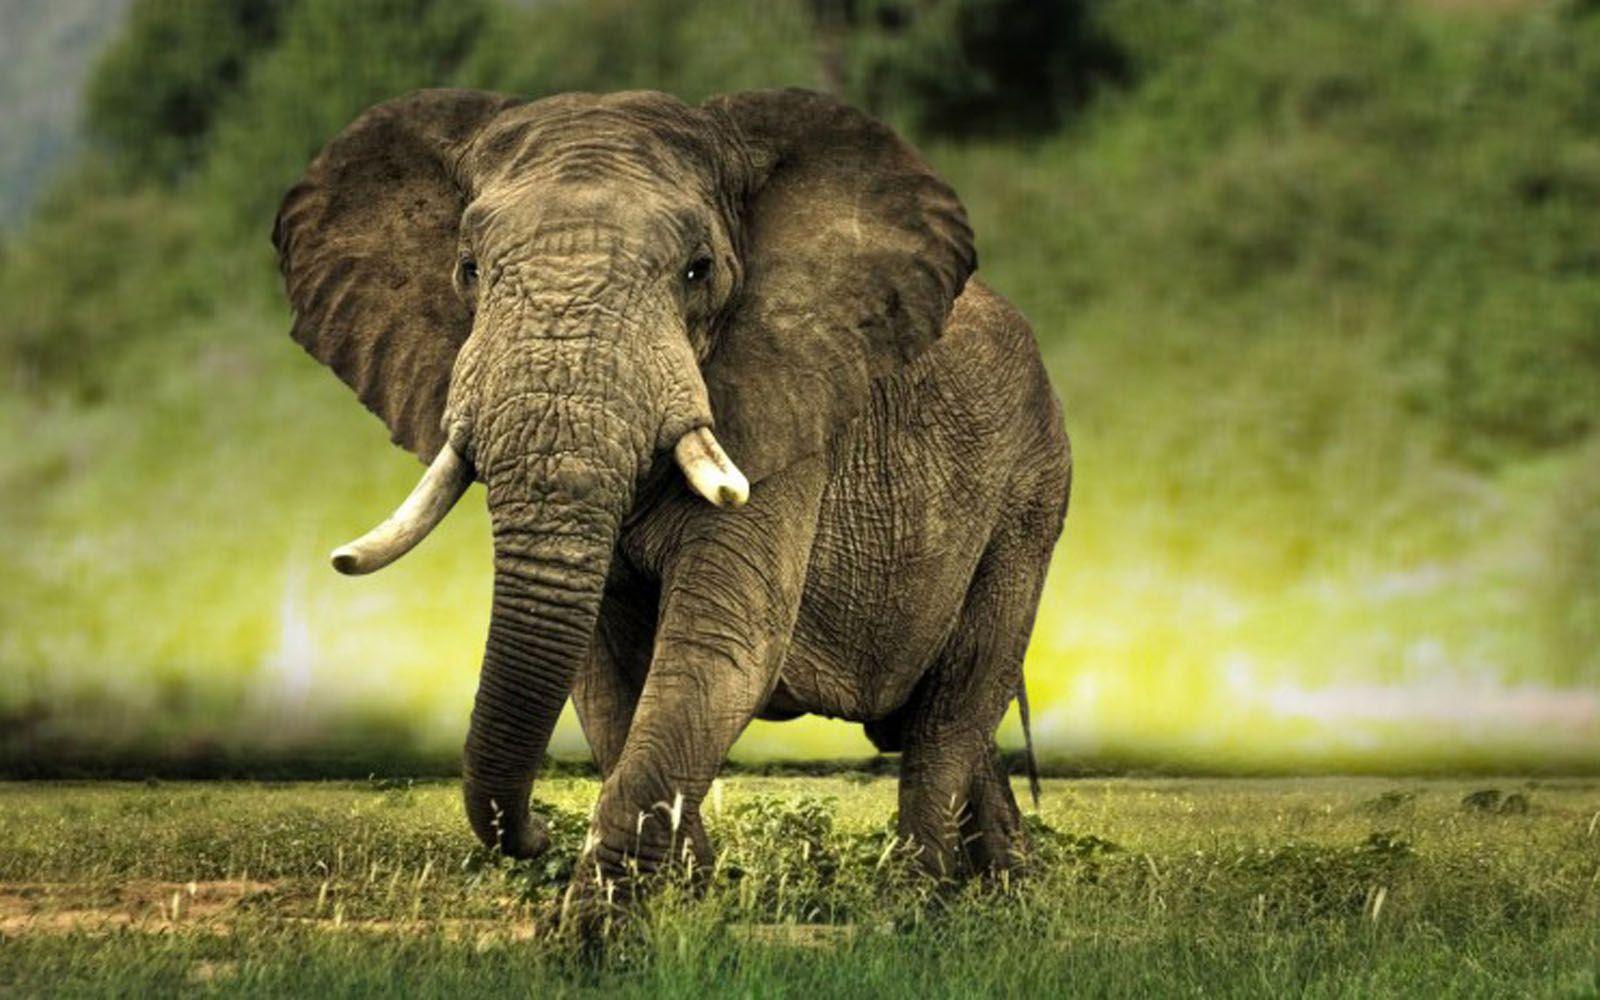 Hd wallpaper elephant - Best Ideas About Elephant Wallpaper On Pinterest Elephant Hd Wallpapers Pinterest Elephant Wallpaper Wallpaper And Hd Wallpaper